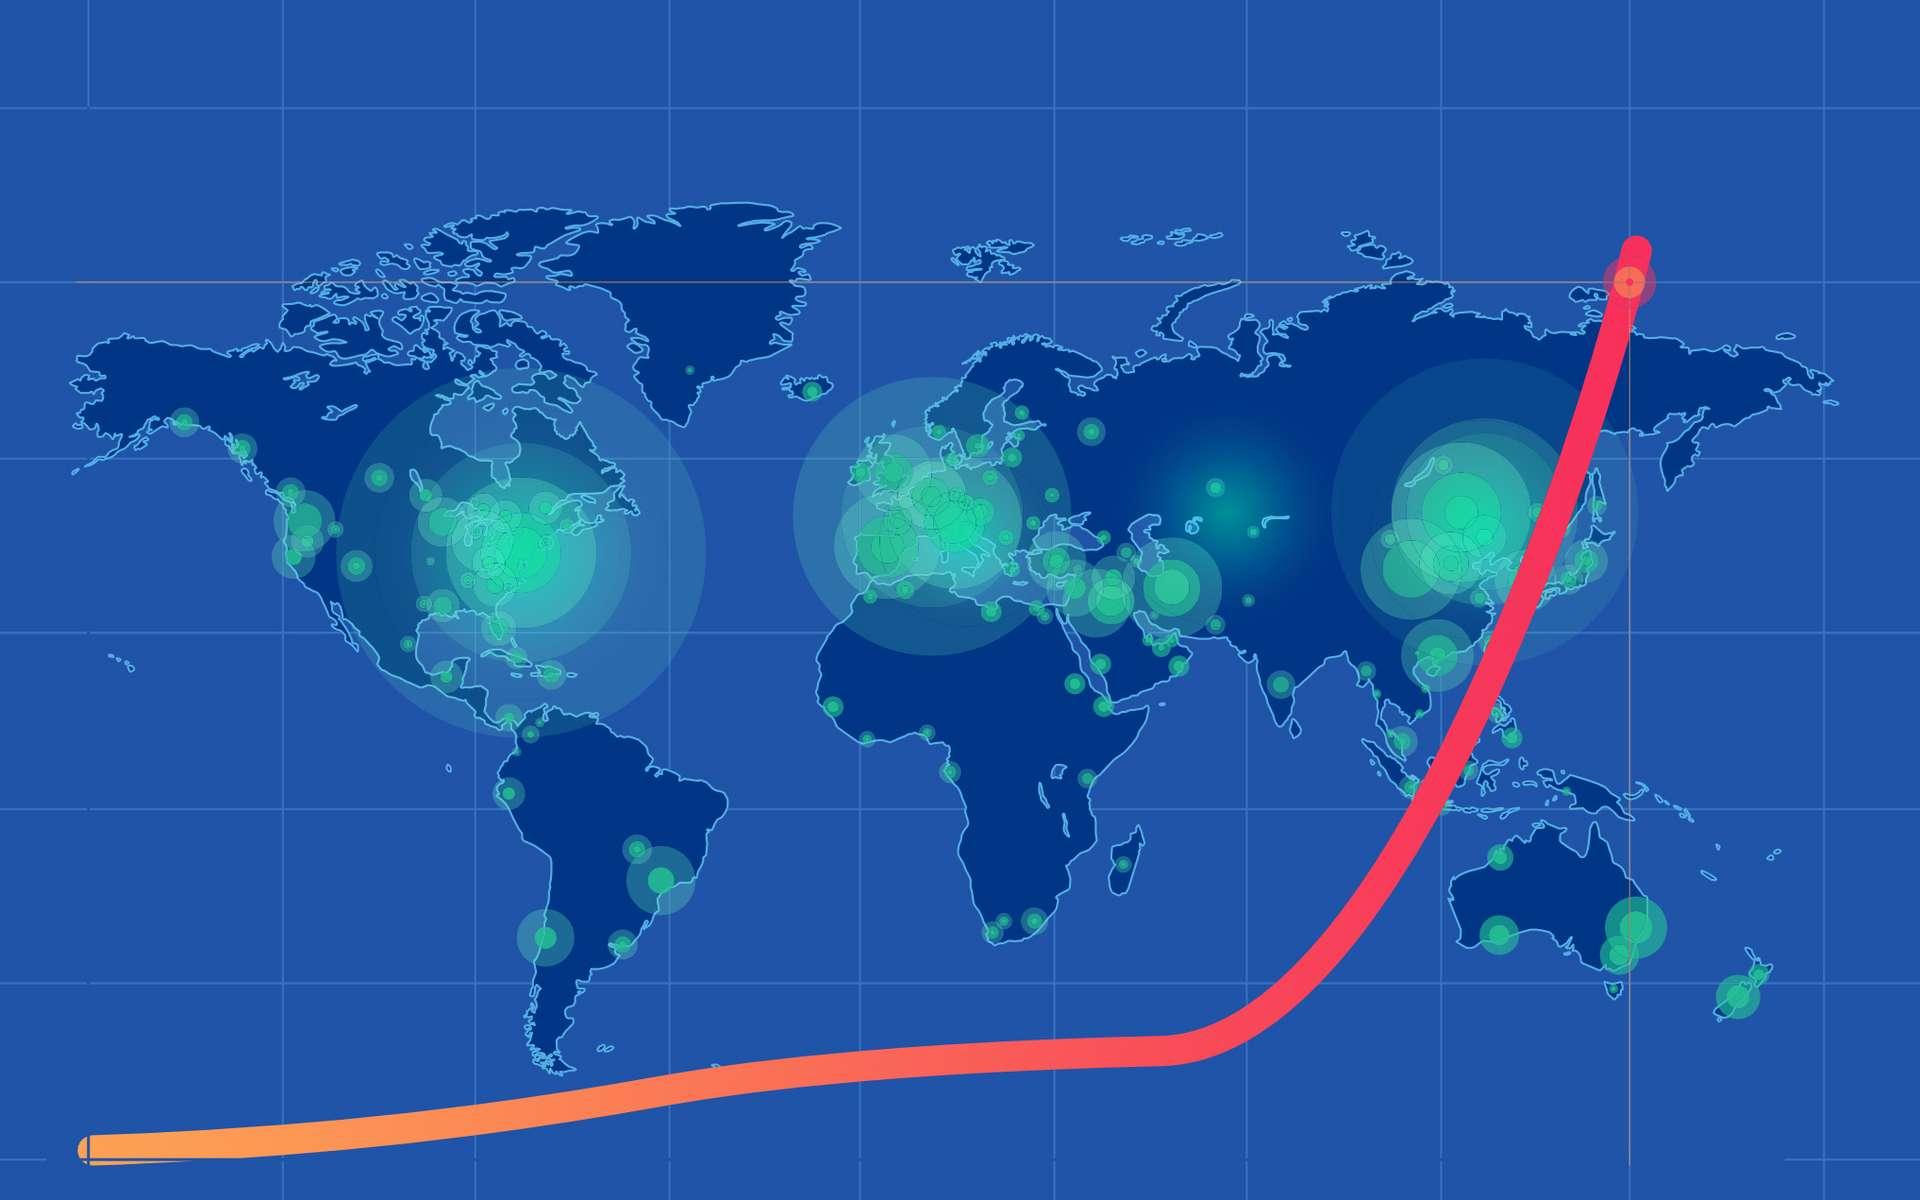 L'Afrique est pour le moment relativement épargnée par l'épidémie de Covid-19. © Serhii, Adobe Stock